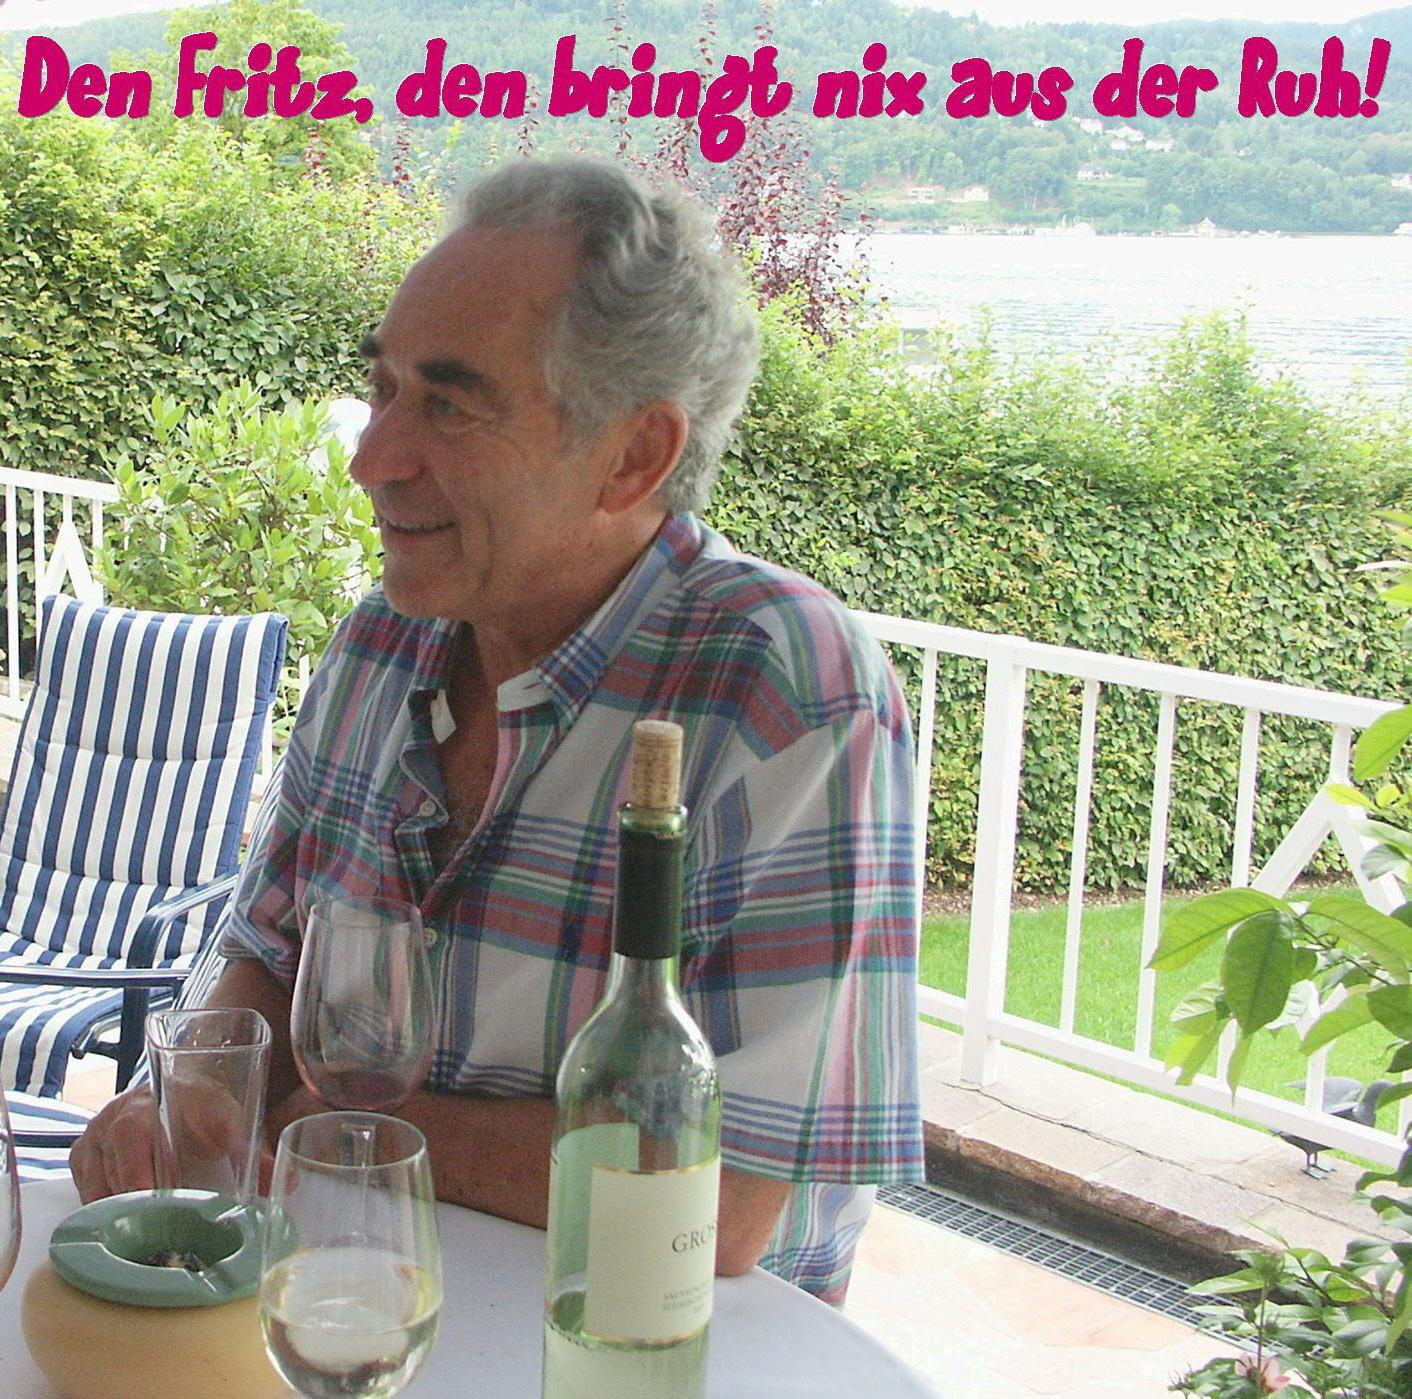 https://0501.nccdn.net/4_2/000/000/086/33b/Den-Fritz-den-bringt-nix-20070627-1412x1399.jpg